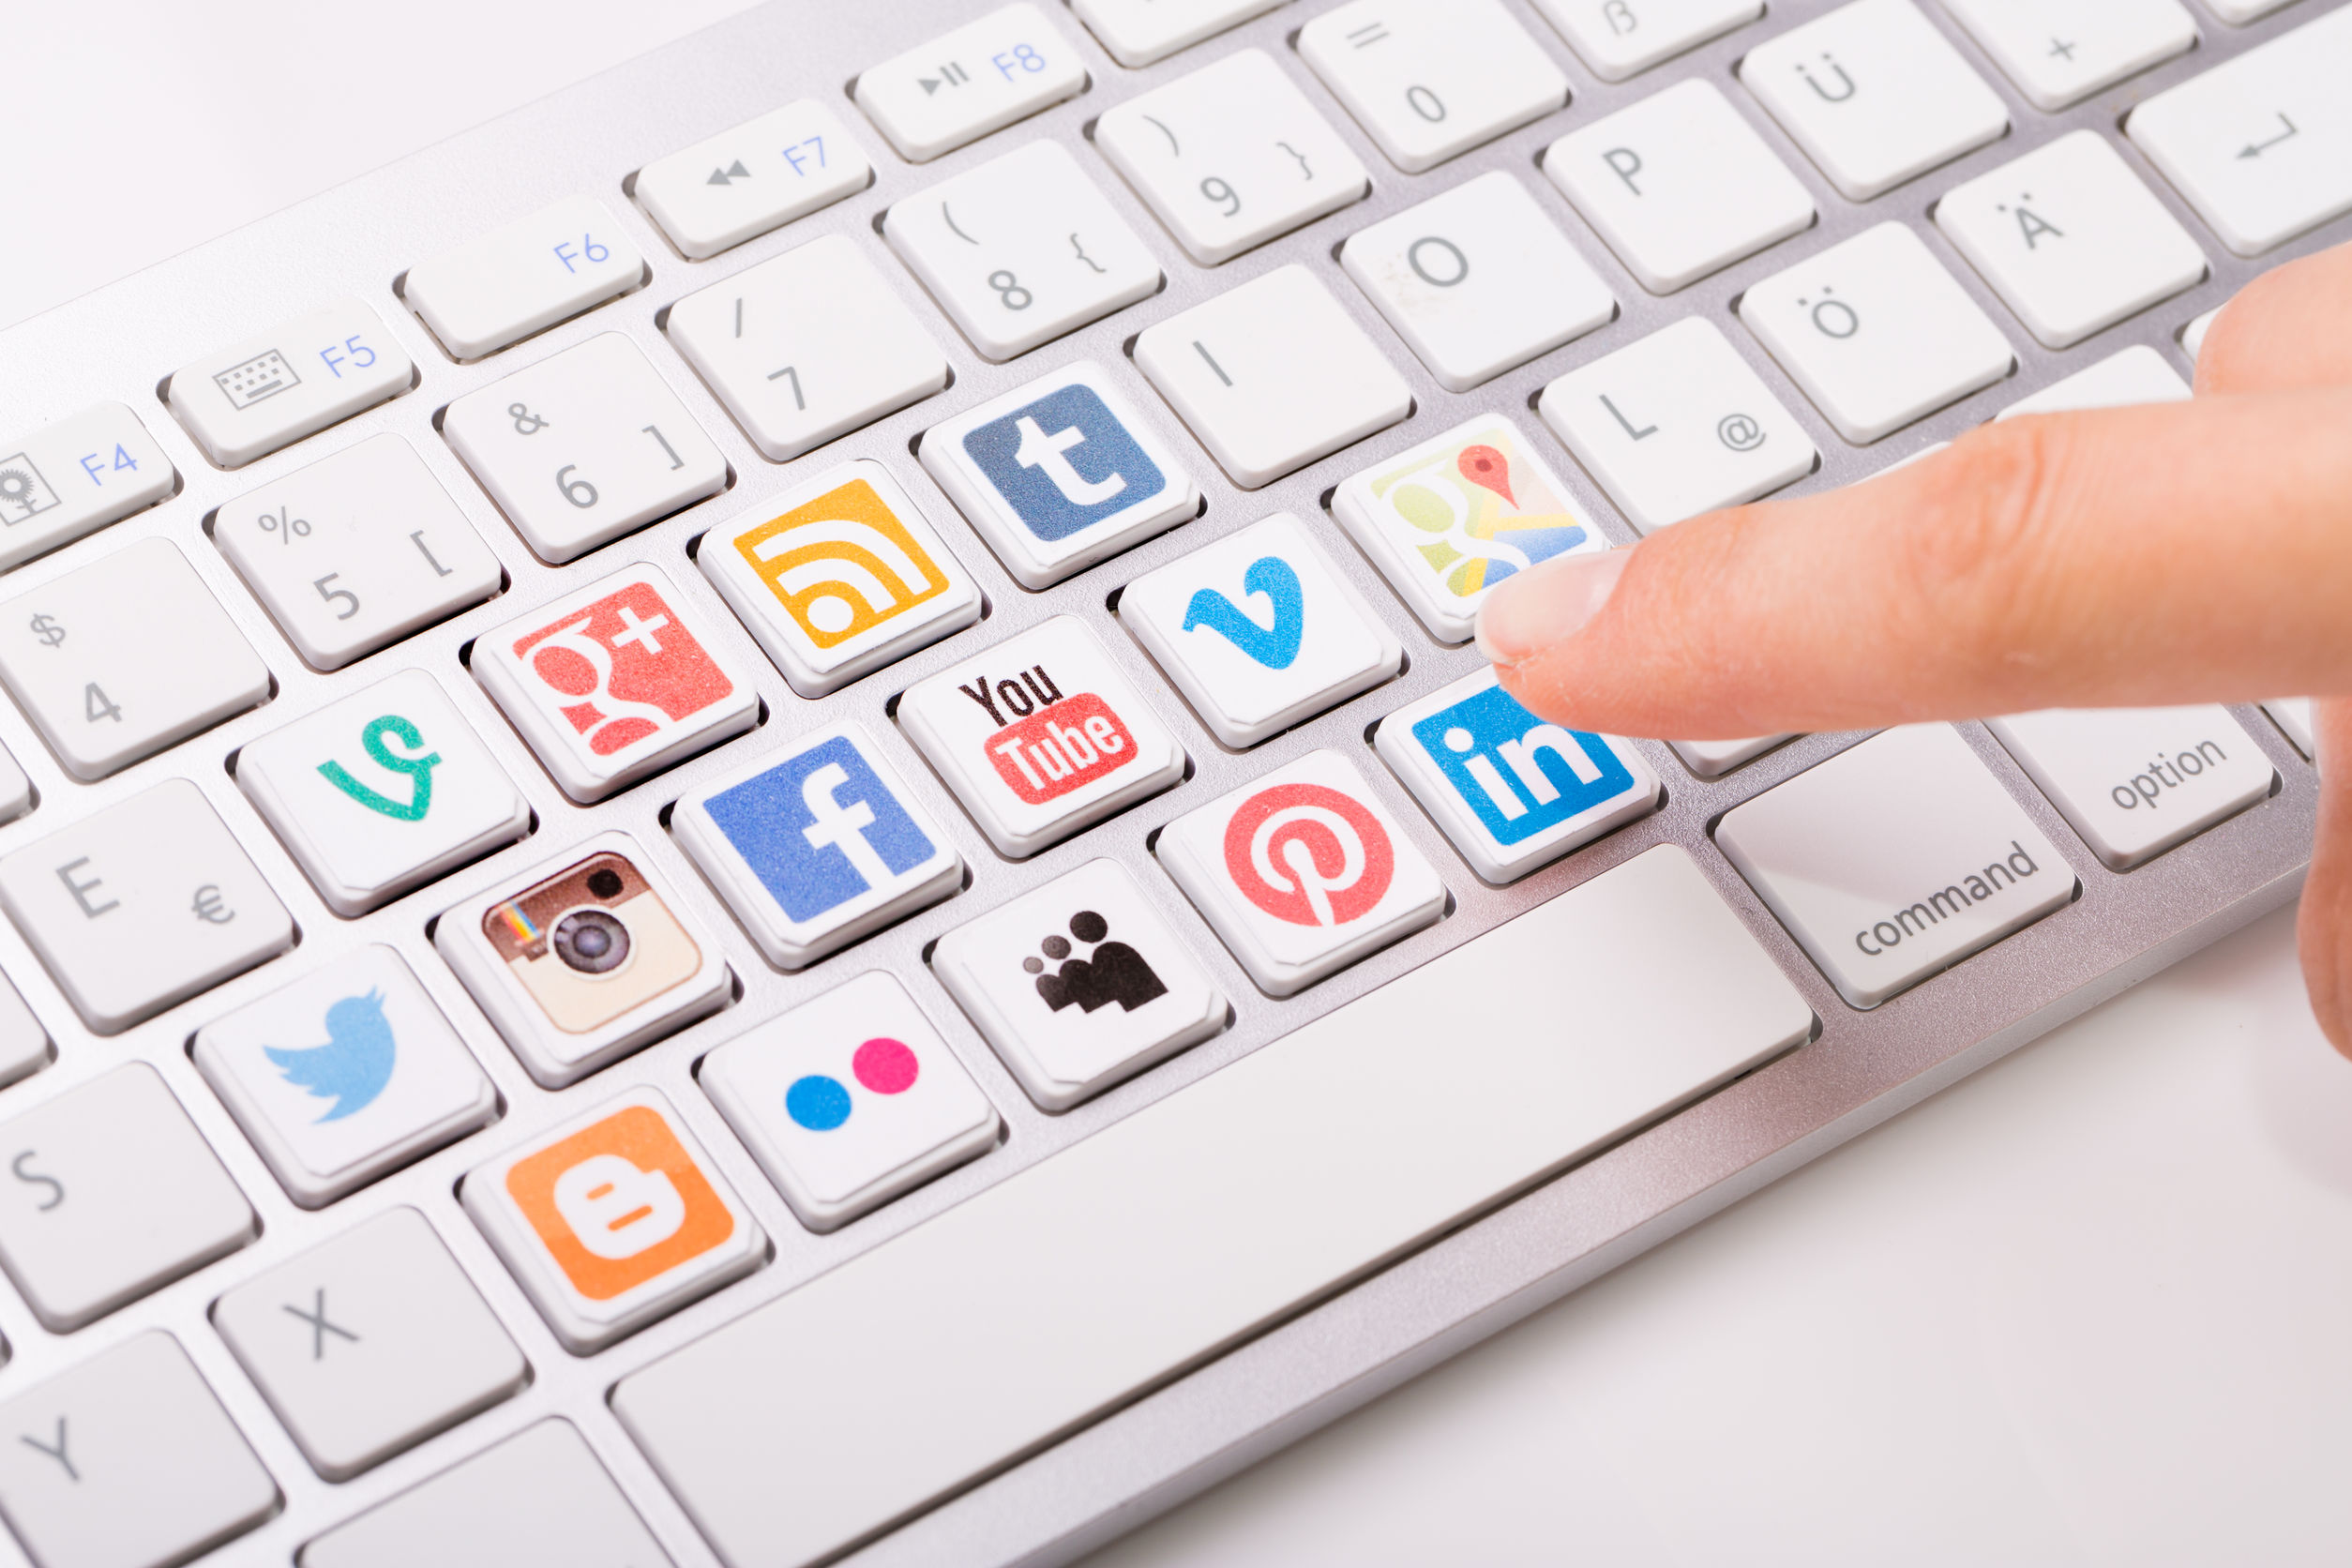 4 Cara Promosi Bisnis Melalui Media Sosial yang Tepat